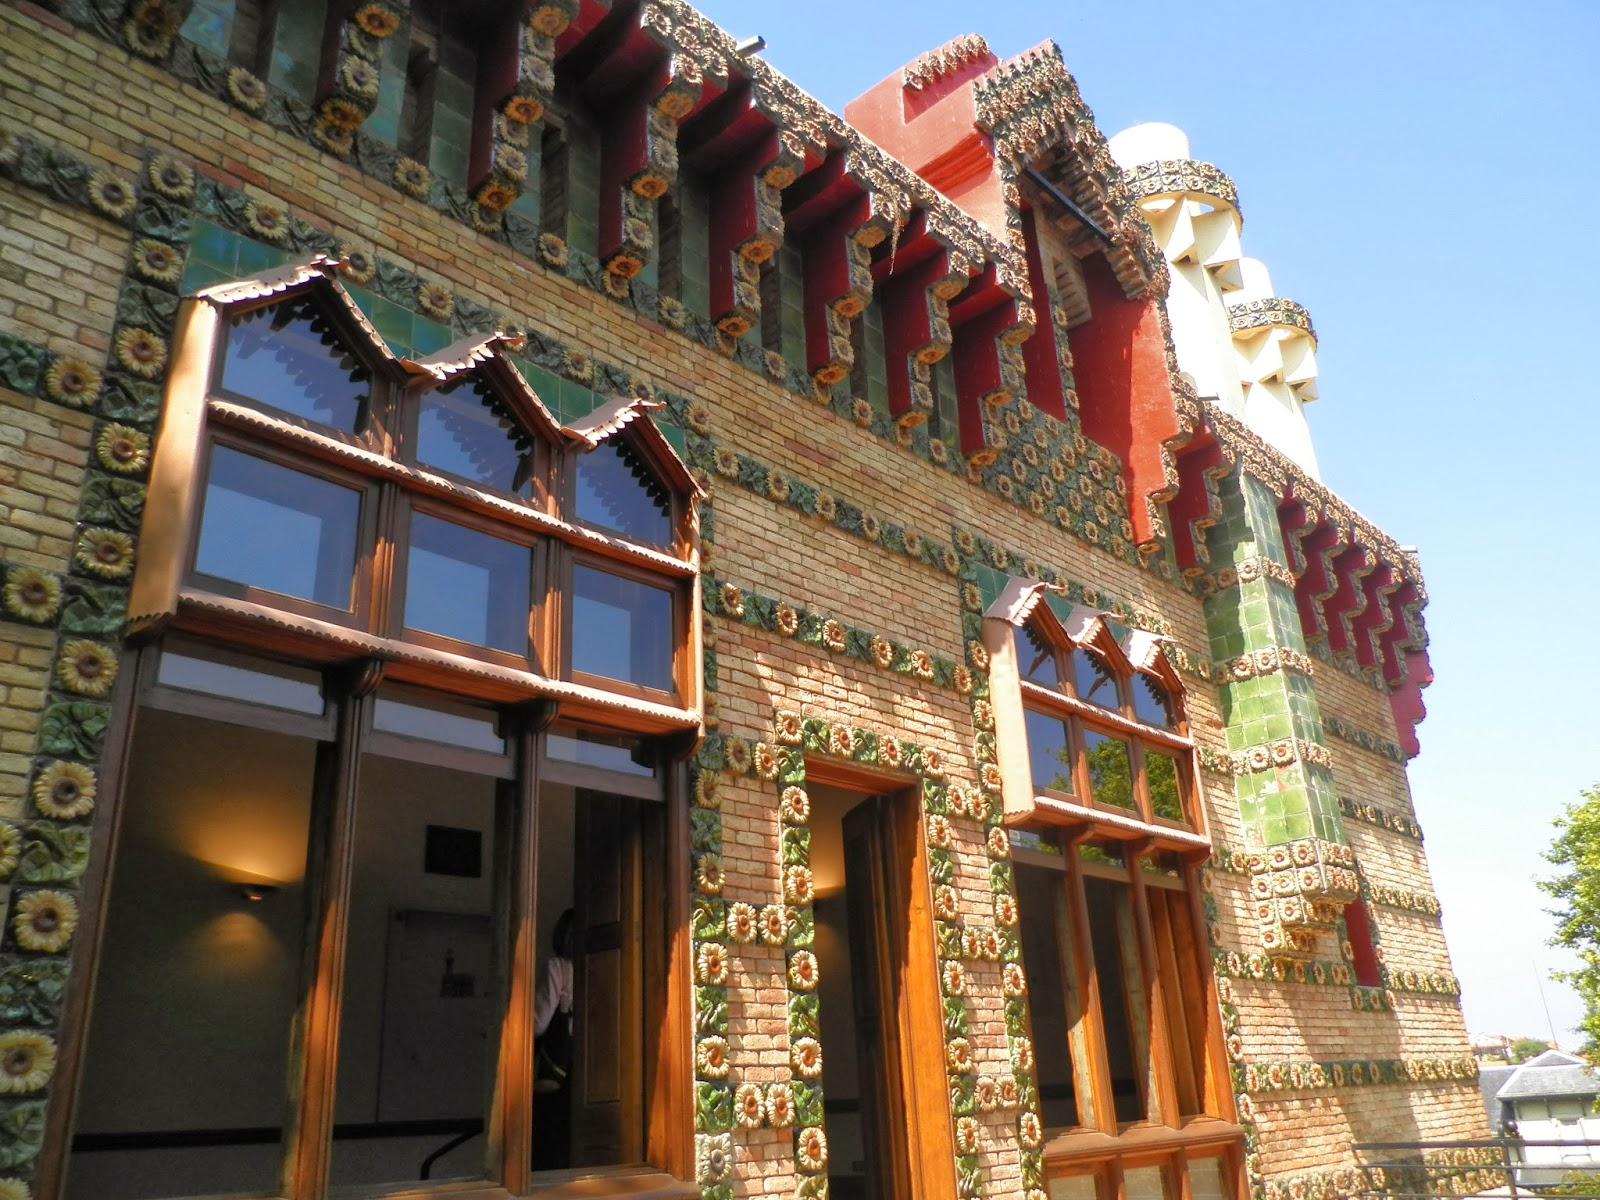 Unos amigos de Paradores: El Capricho de Gaudí en Comillas